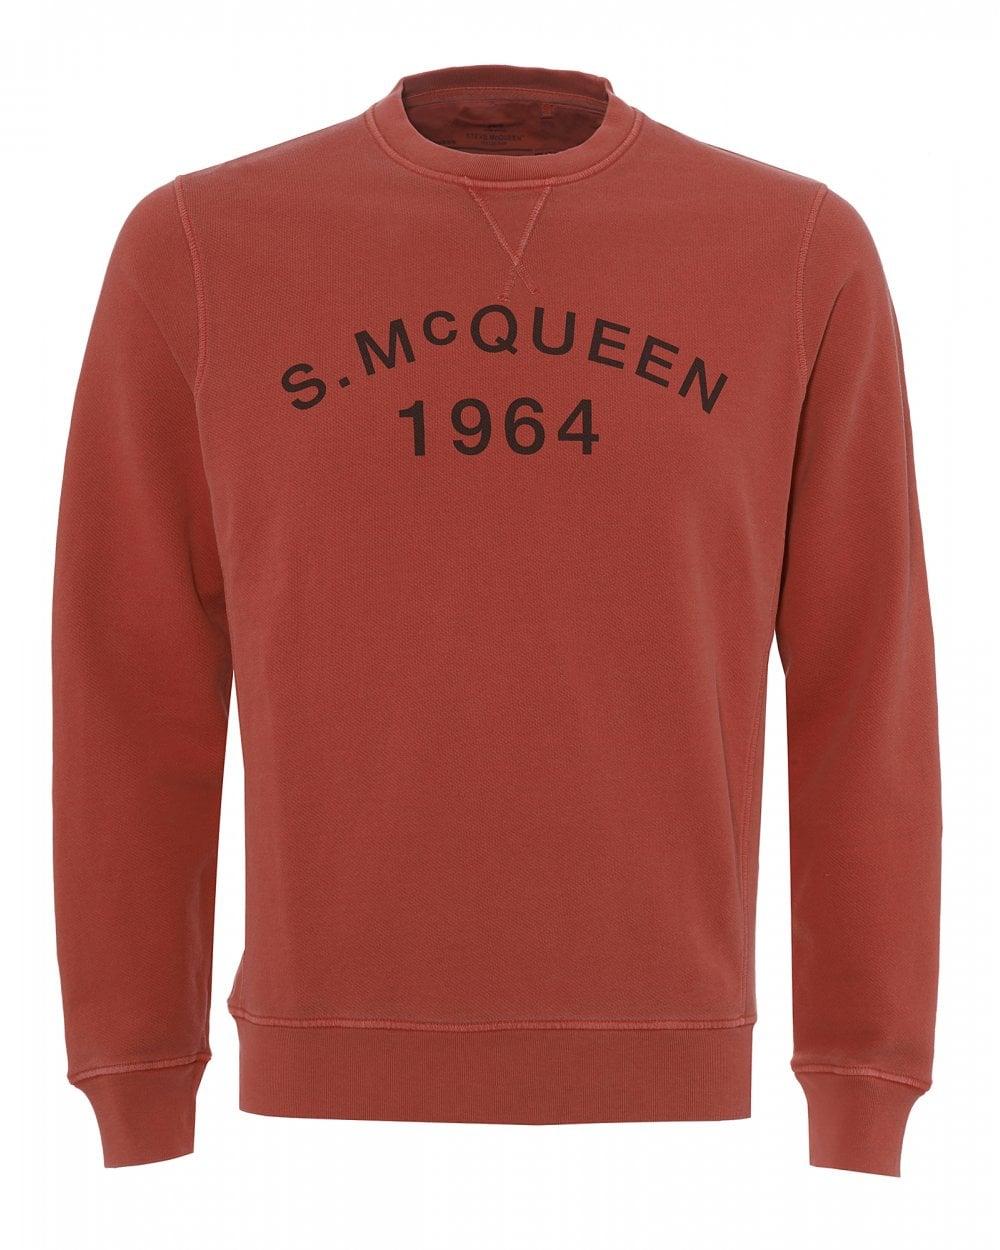 7ed41464b67d Mens Vintage Steve McQueen Sweatshirt